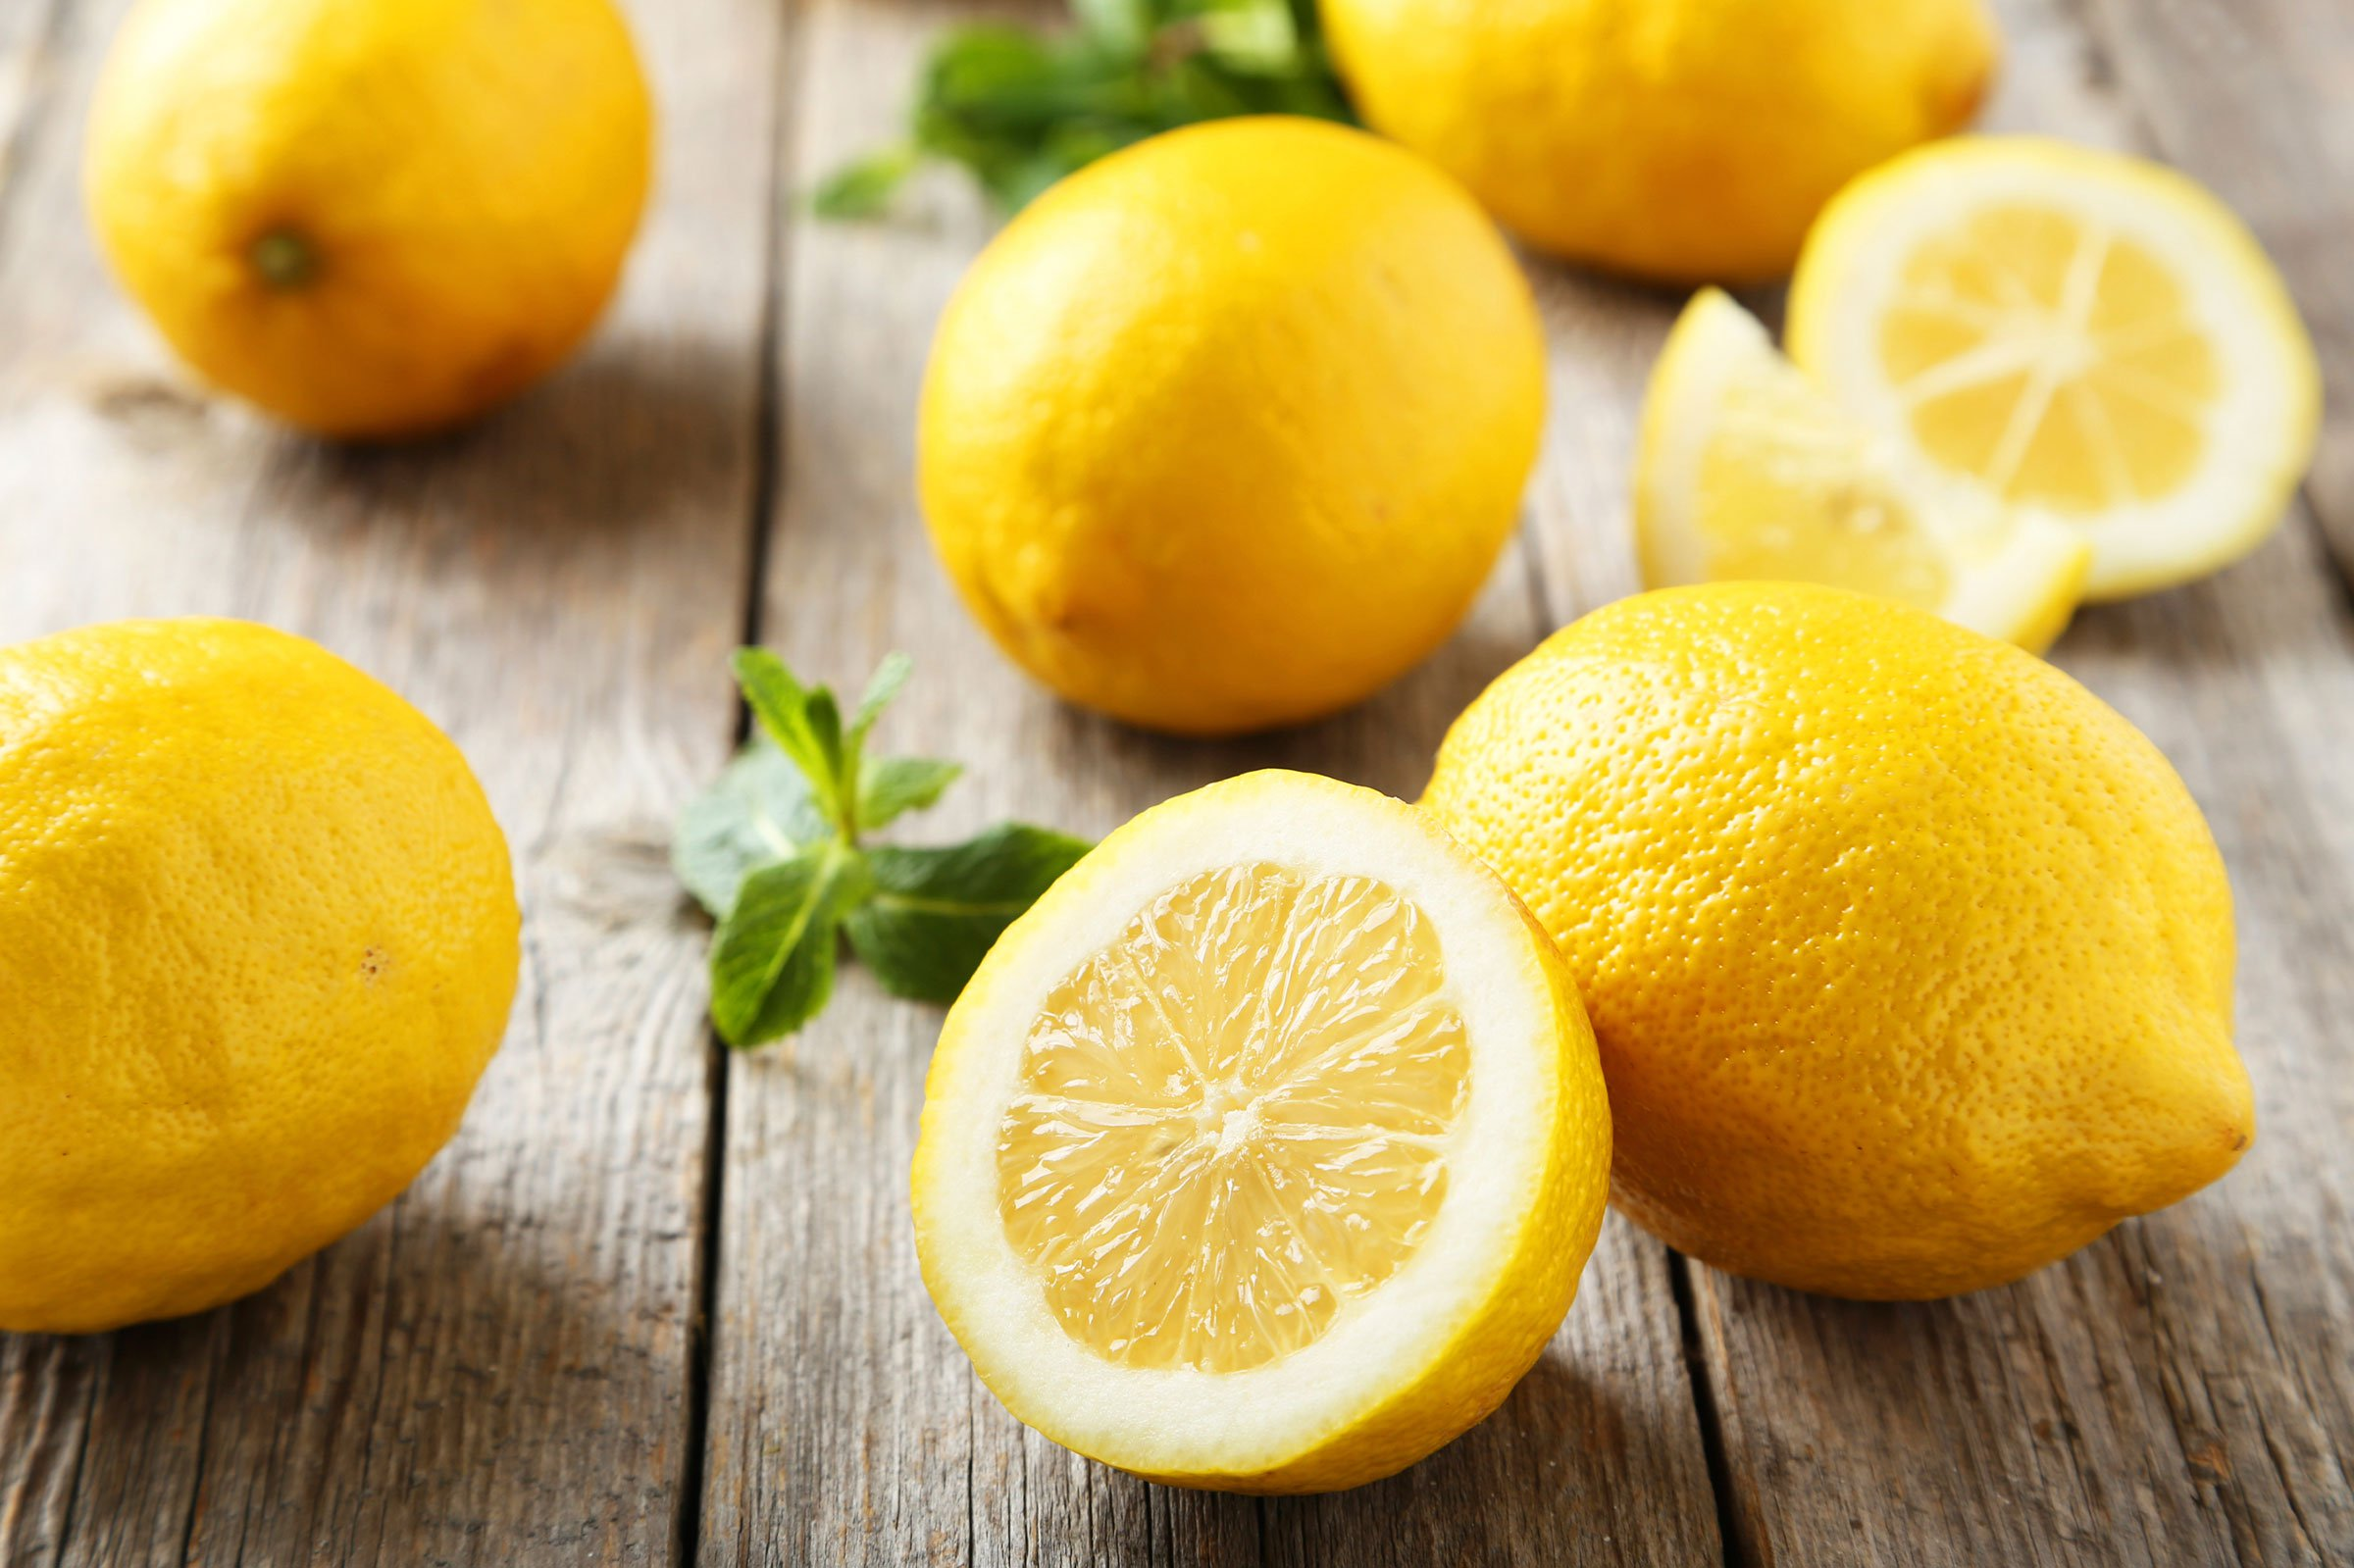 الليمون والطب البديل لعلاج قشرة الشعر